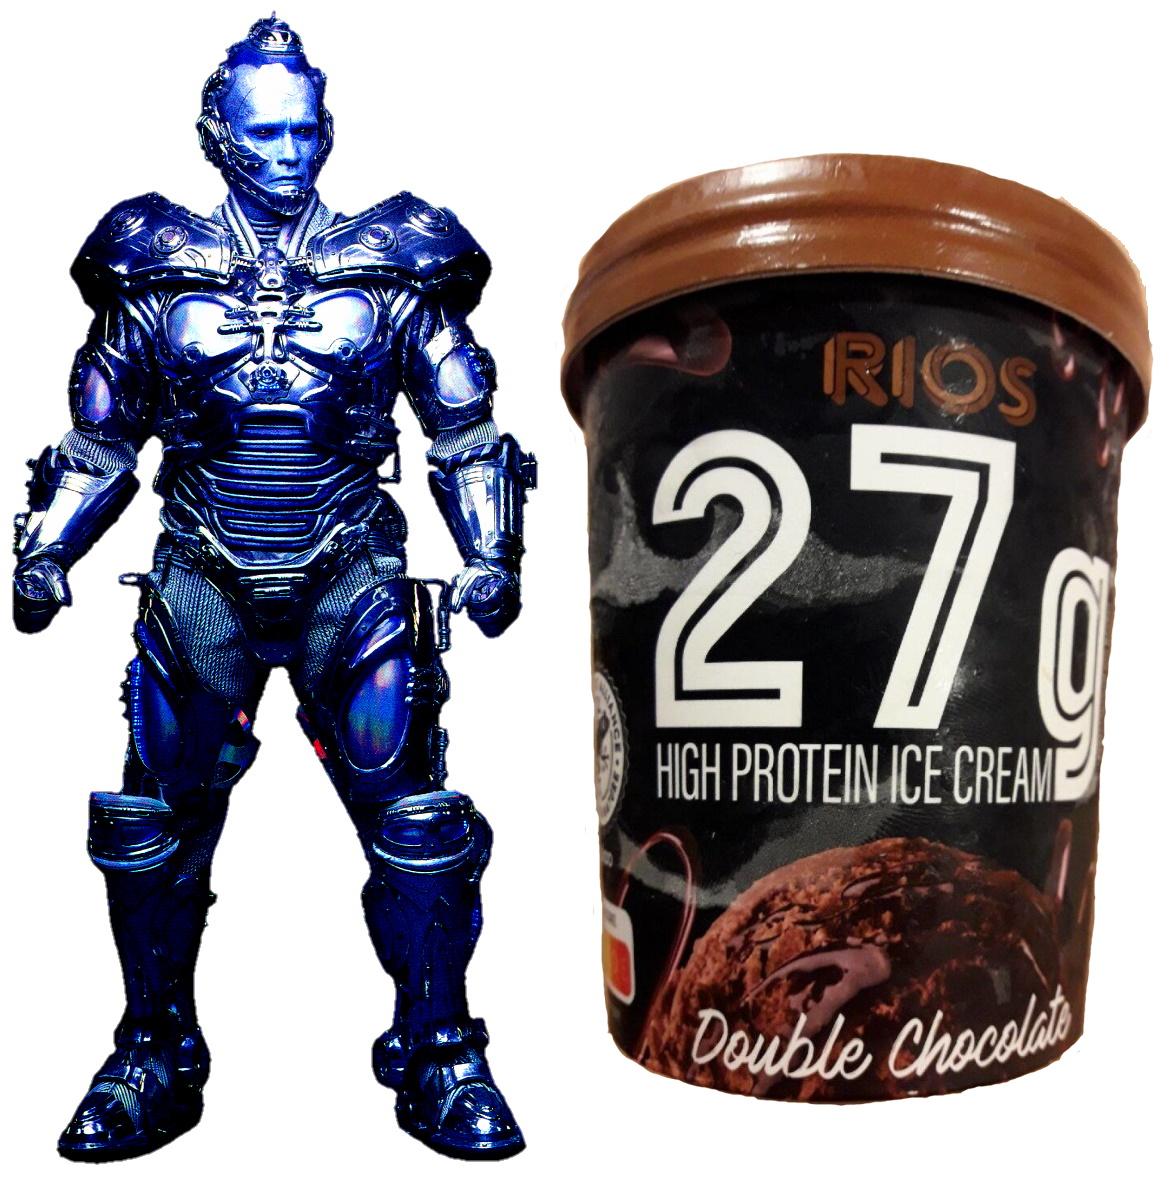 Pumpermarkt [18/21]: z.B. 500ml/290g Rios High Protein Ice Cream für 2,54€ bei Penny